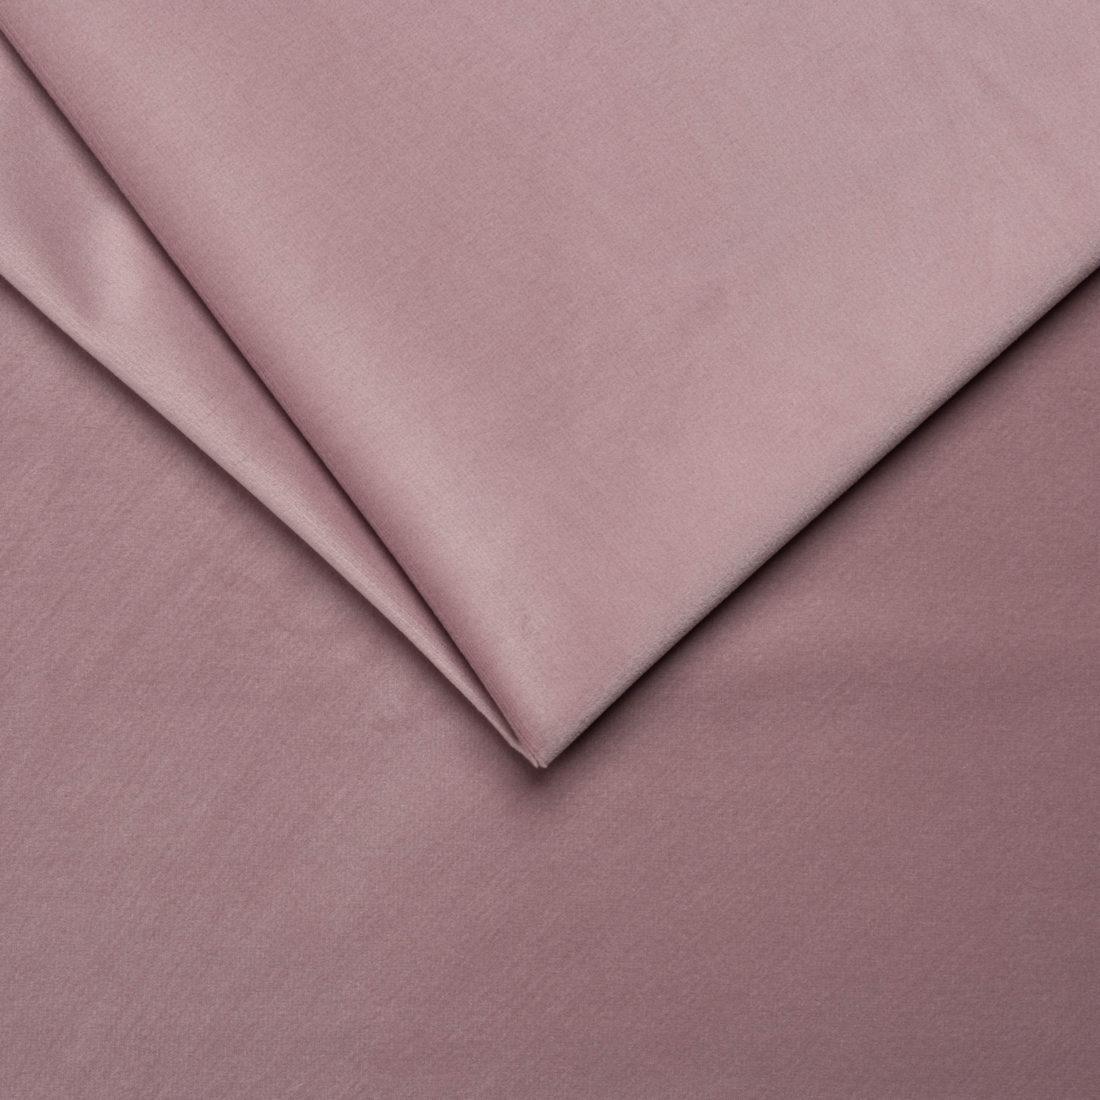 Мебельная ткань Velluto 14 Flamingo, велюр